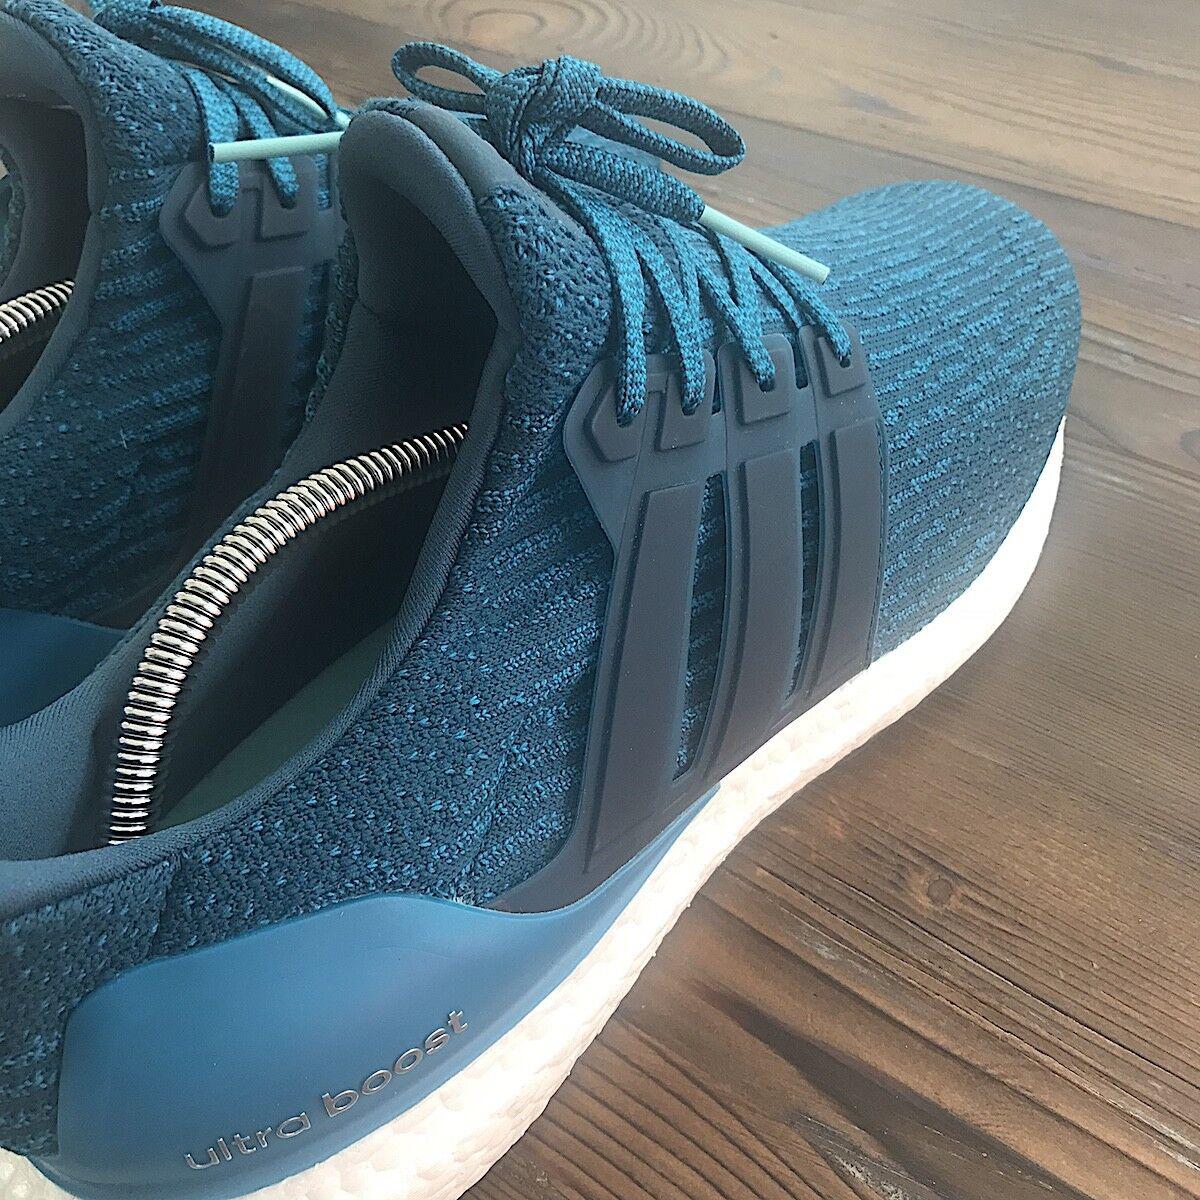 adidas ultraboost bleue 3.0 essence bleue ultraboost nous 11,5 / s82021 - vendus 77caf1